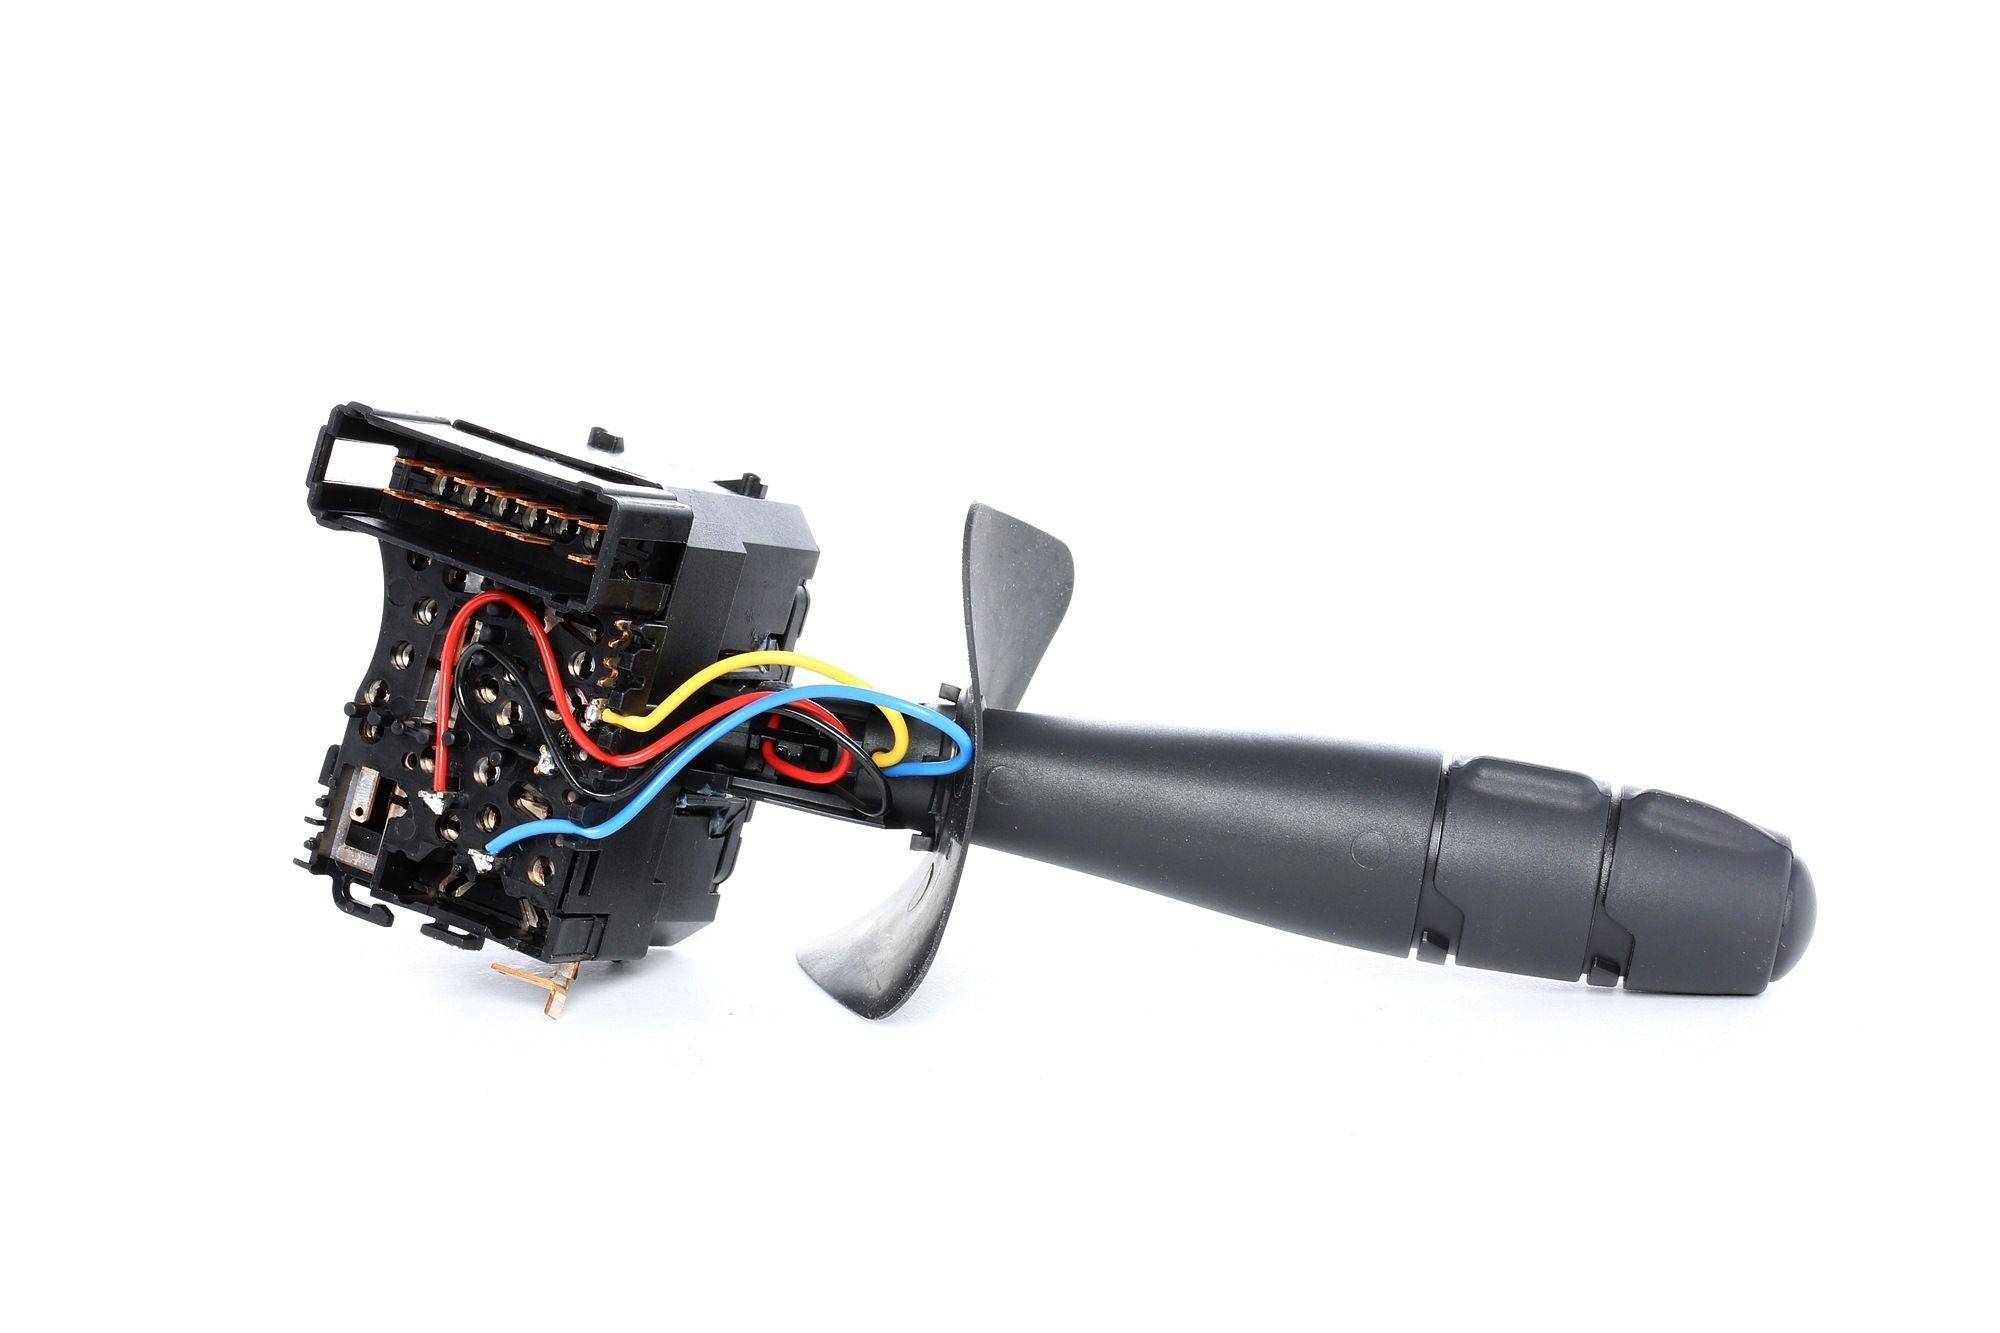 VALEO: Original Interieurteile 251605 (mit Blinker-Funktion, mit Hupe, mit Lichtumschalt-Funktion, mit Nebelschlussleuchte-Funktion)